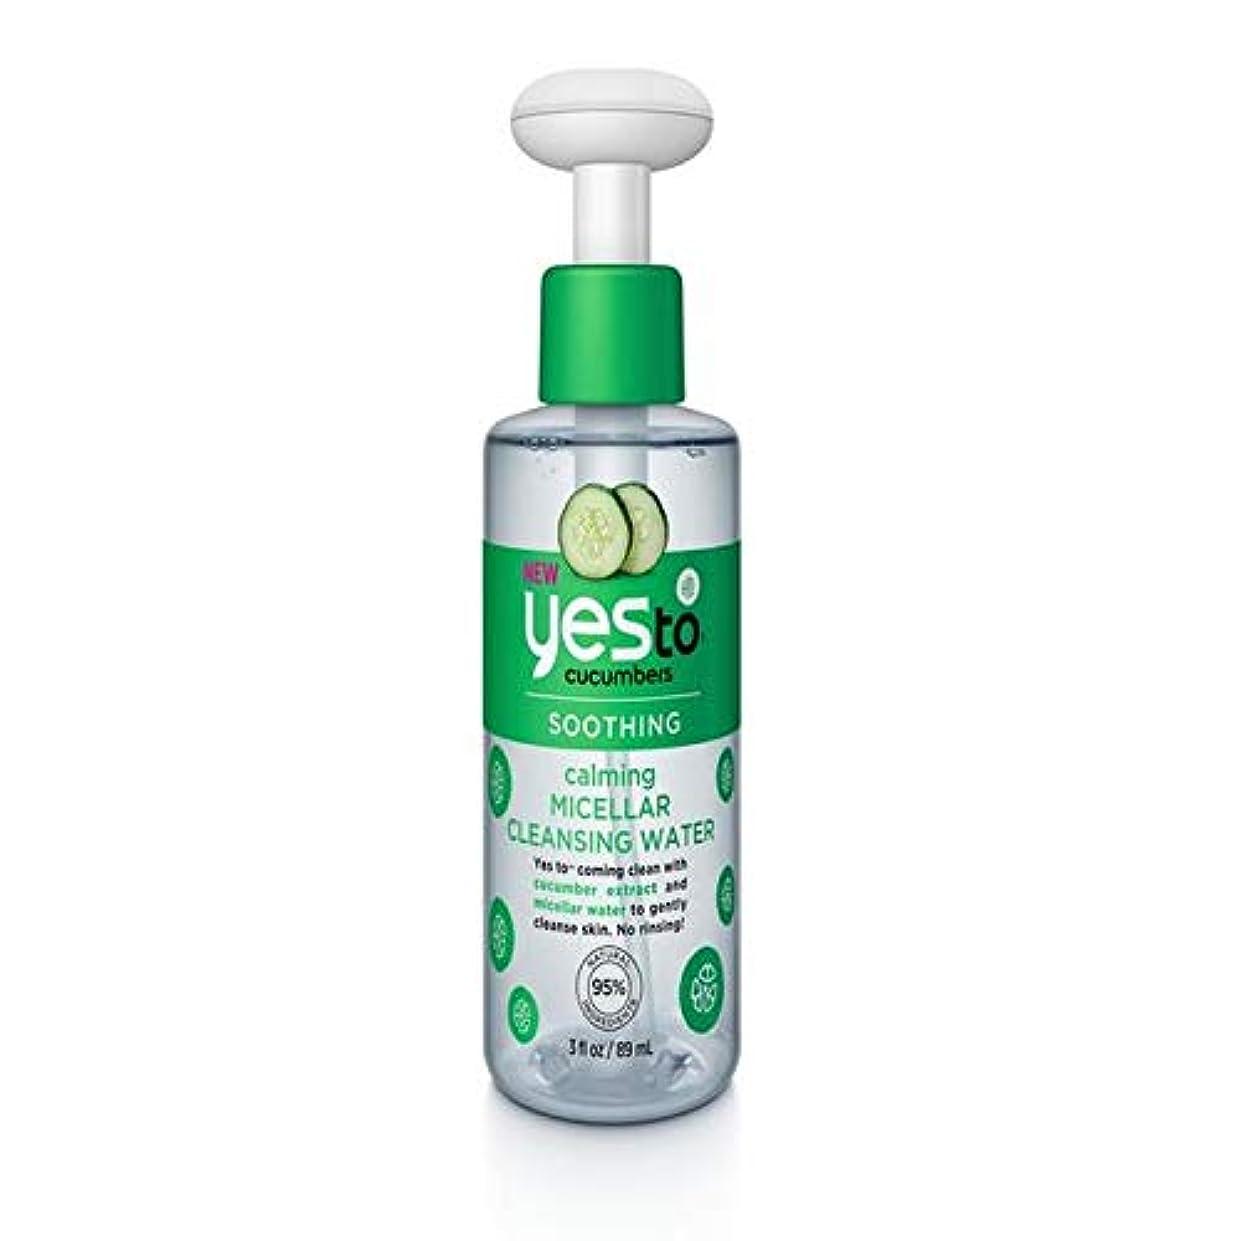 クッション乞食床を掃除する[YES TO! ] 89ミリリットルを落ち着かはいキュウリにミセル洗浄水 - Yes To Cucumbers Micellar Cleansing Water Calming 89ml [並行輸入品]